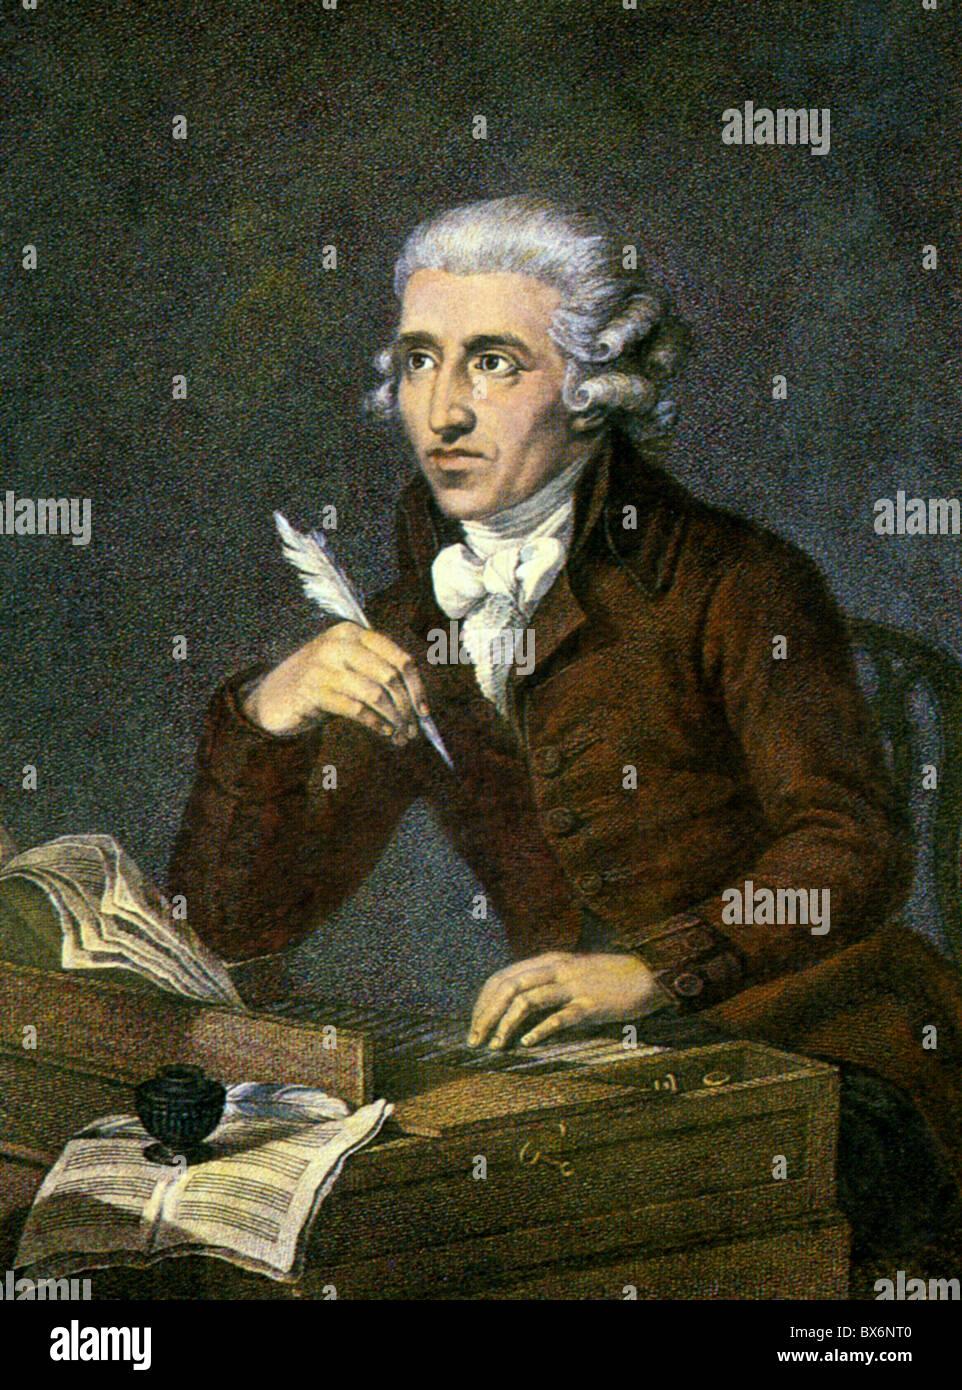 Haydn, Joseph, 31.3.1732 - 31.5.1809, Österreichischer Komponist, halbe Länge, Druck nach Malerei von Ludwig Gutterbrunn, Stockfoto